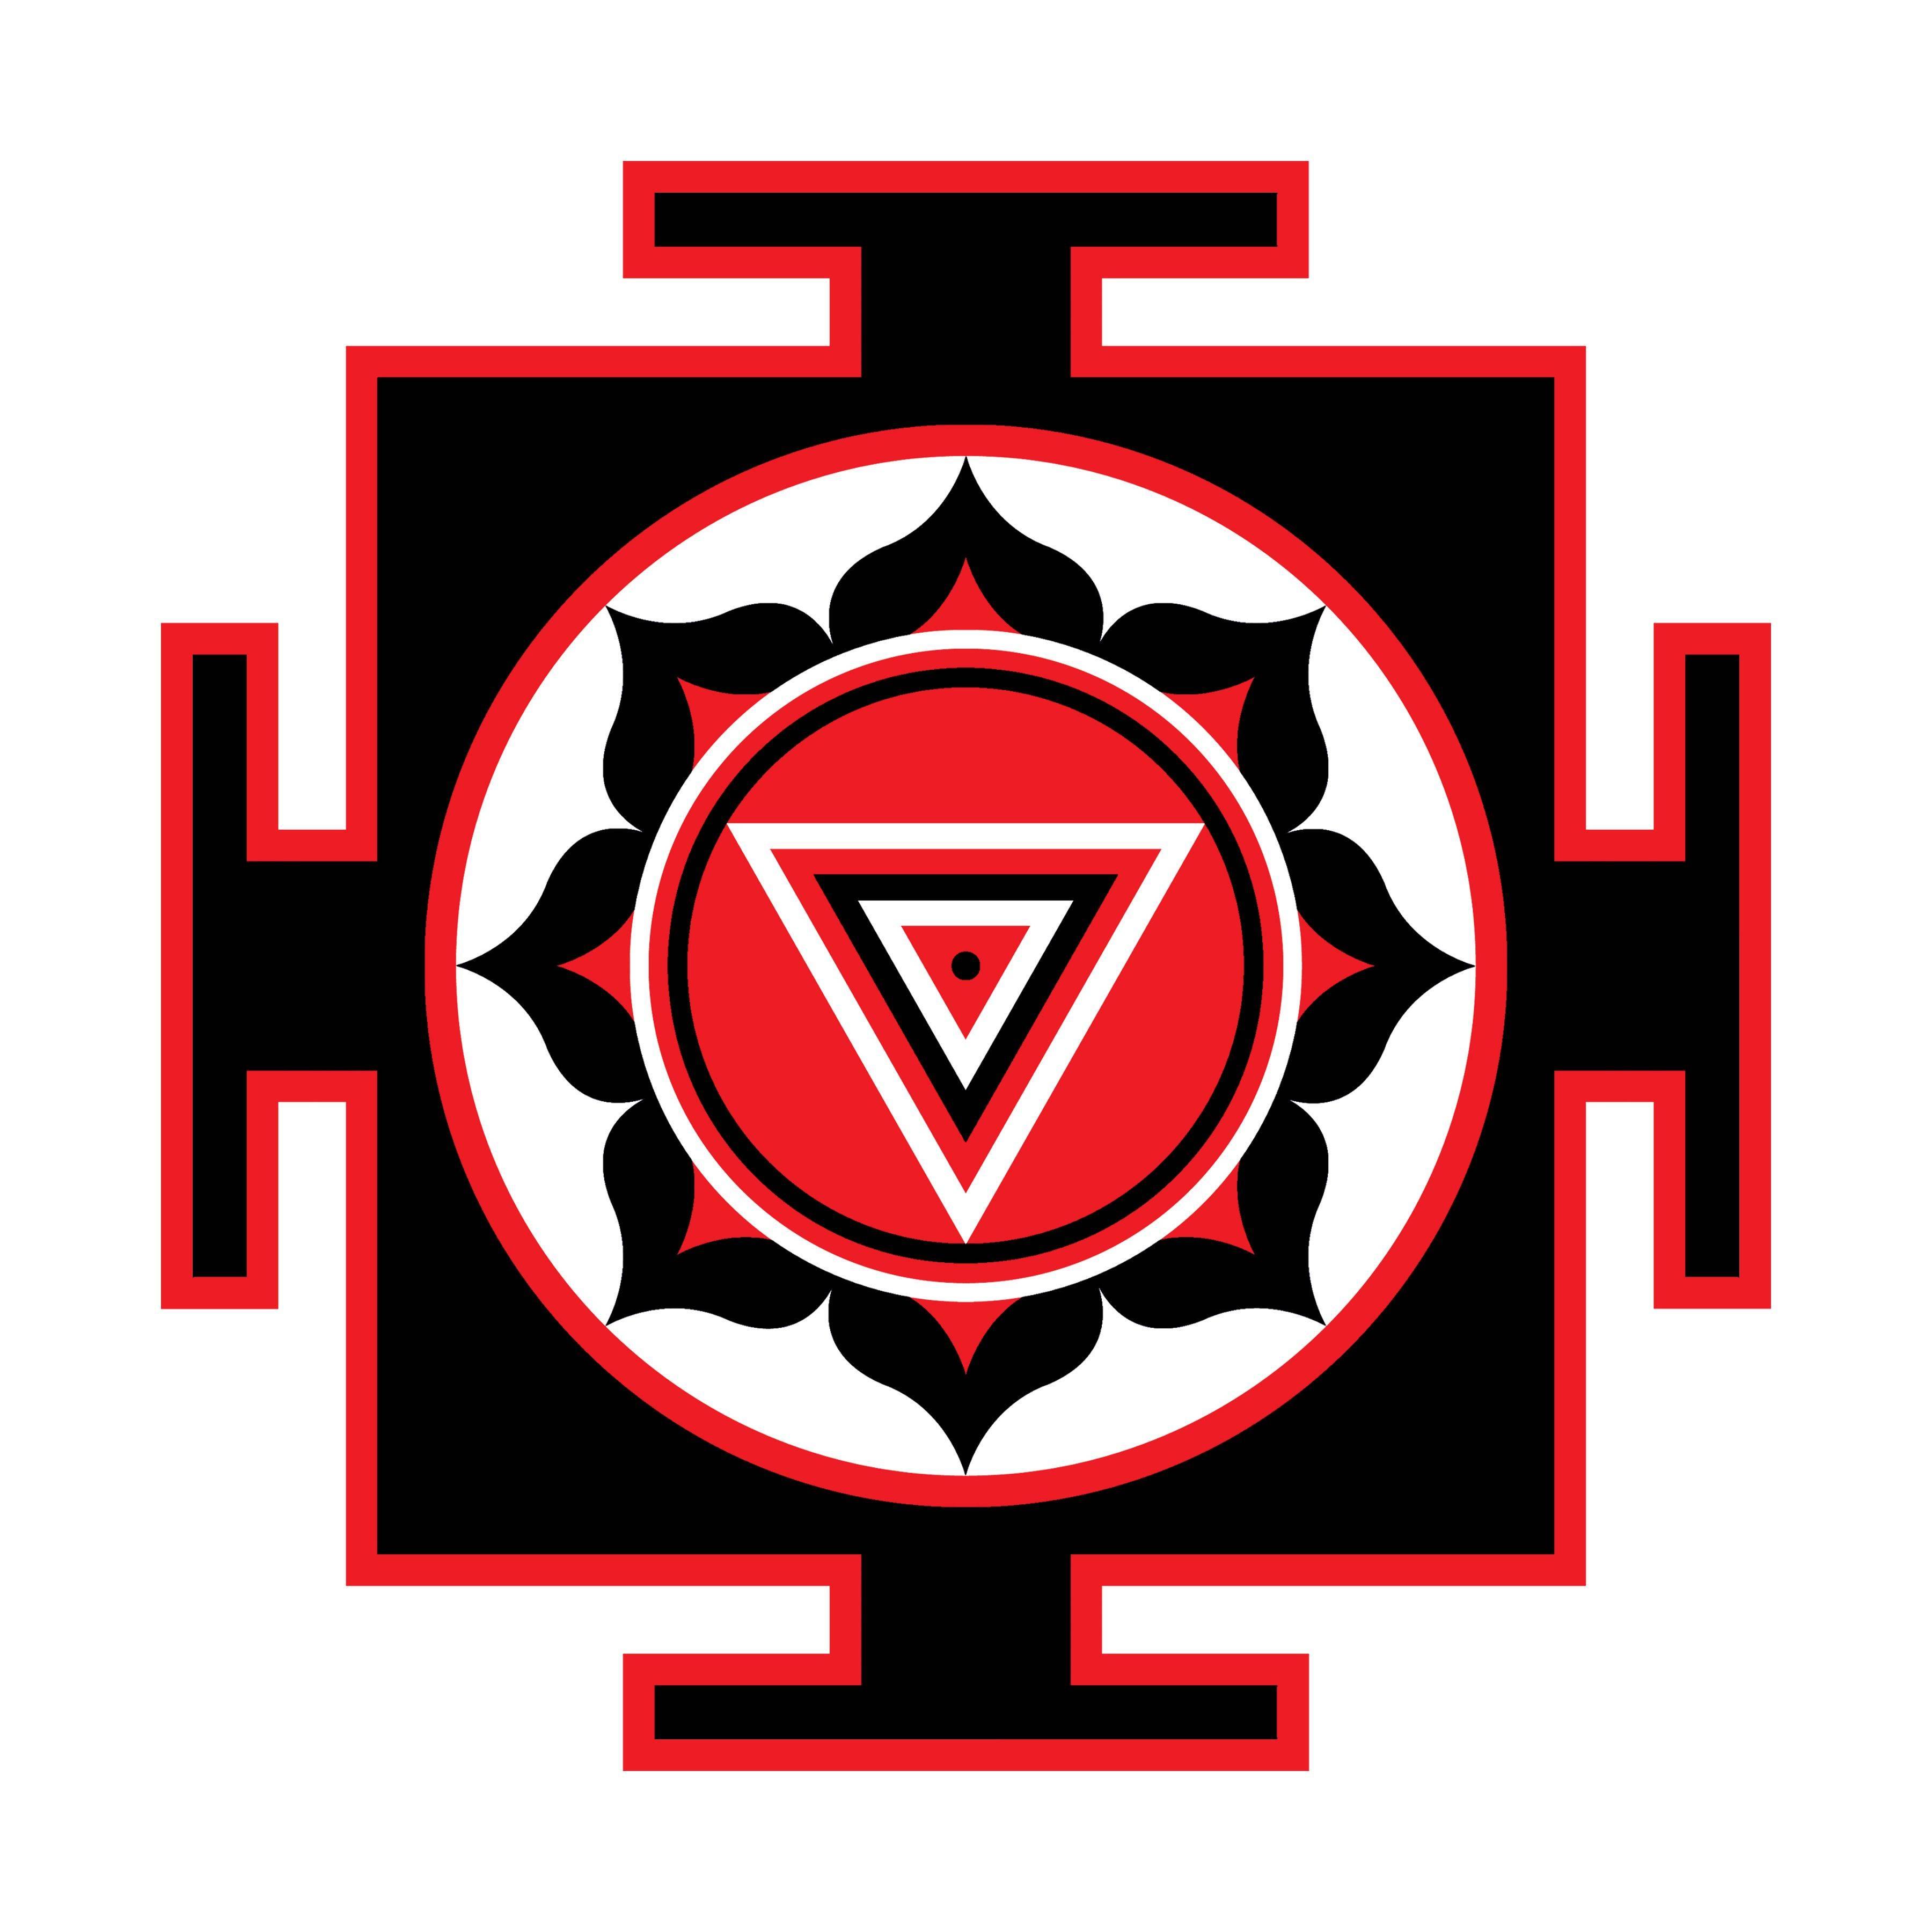 Полное описание символа Кали янтры